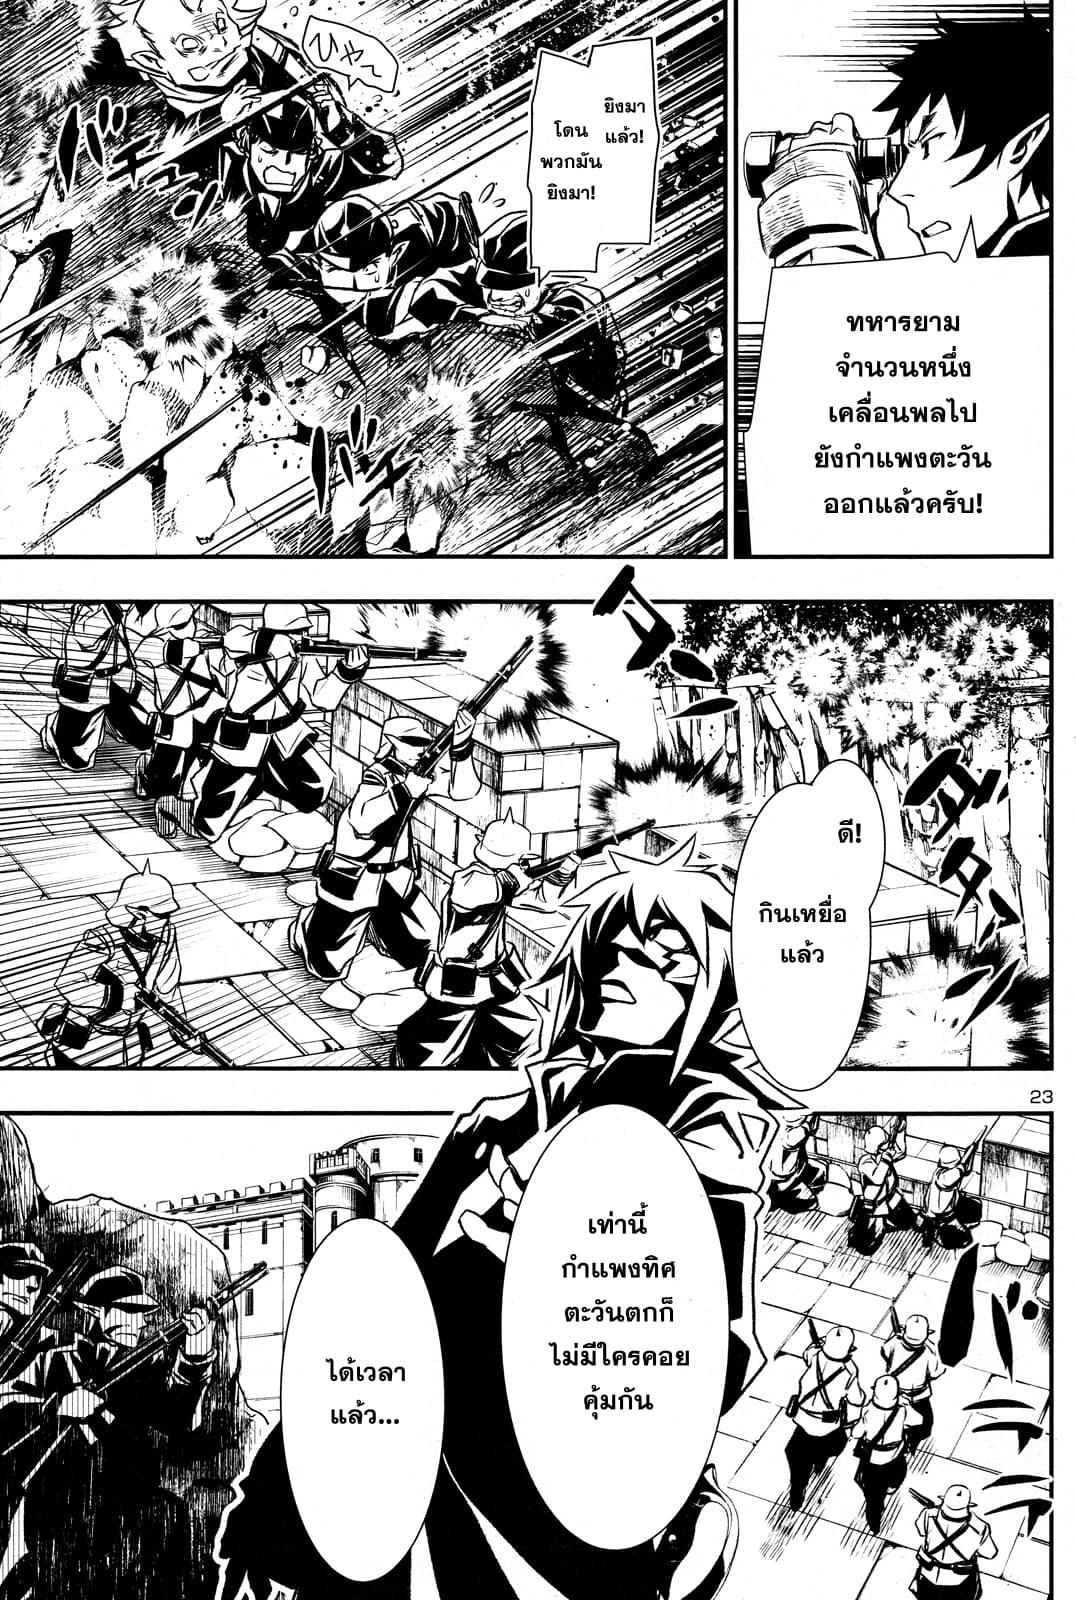 อ่านการ์ตูน Shinju no Nectar ตอนที่ 6 หน้าที่ 23